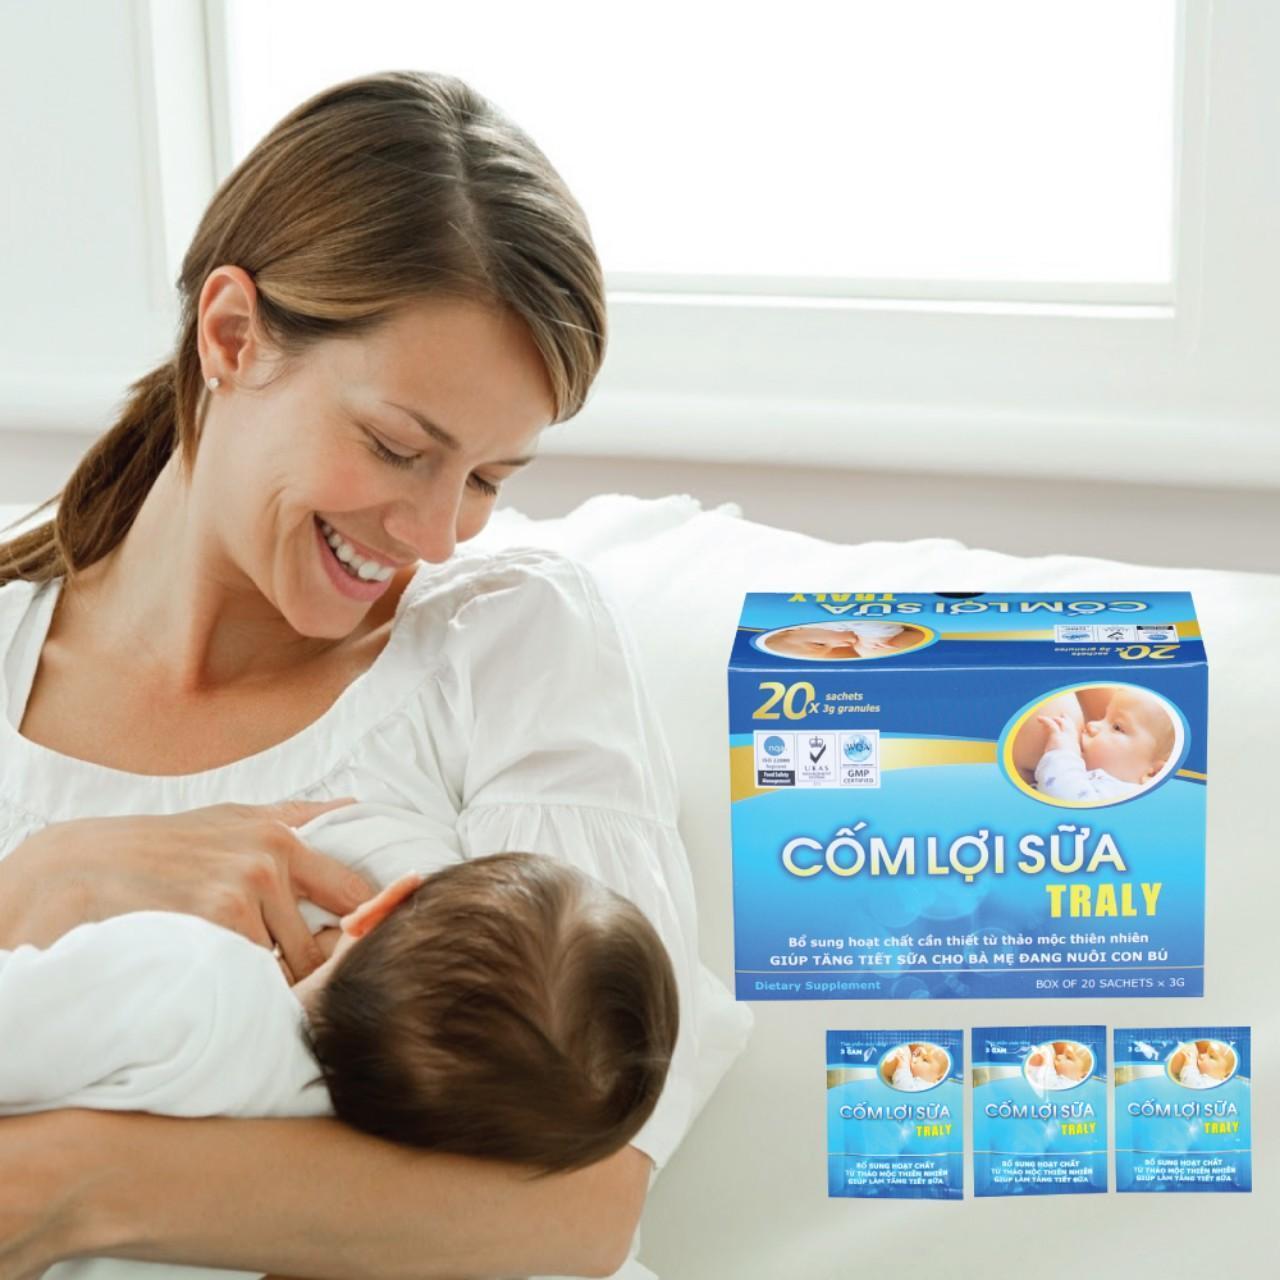 Cốm lợi sữa traly-an toàn, hiệu quả nhập khẩu